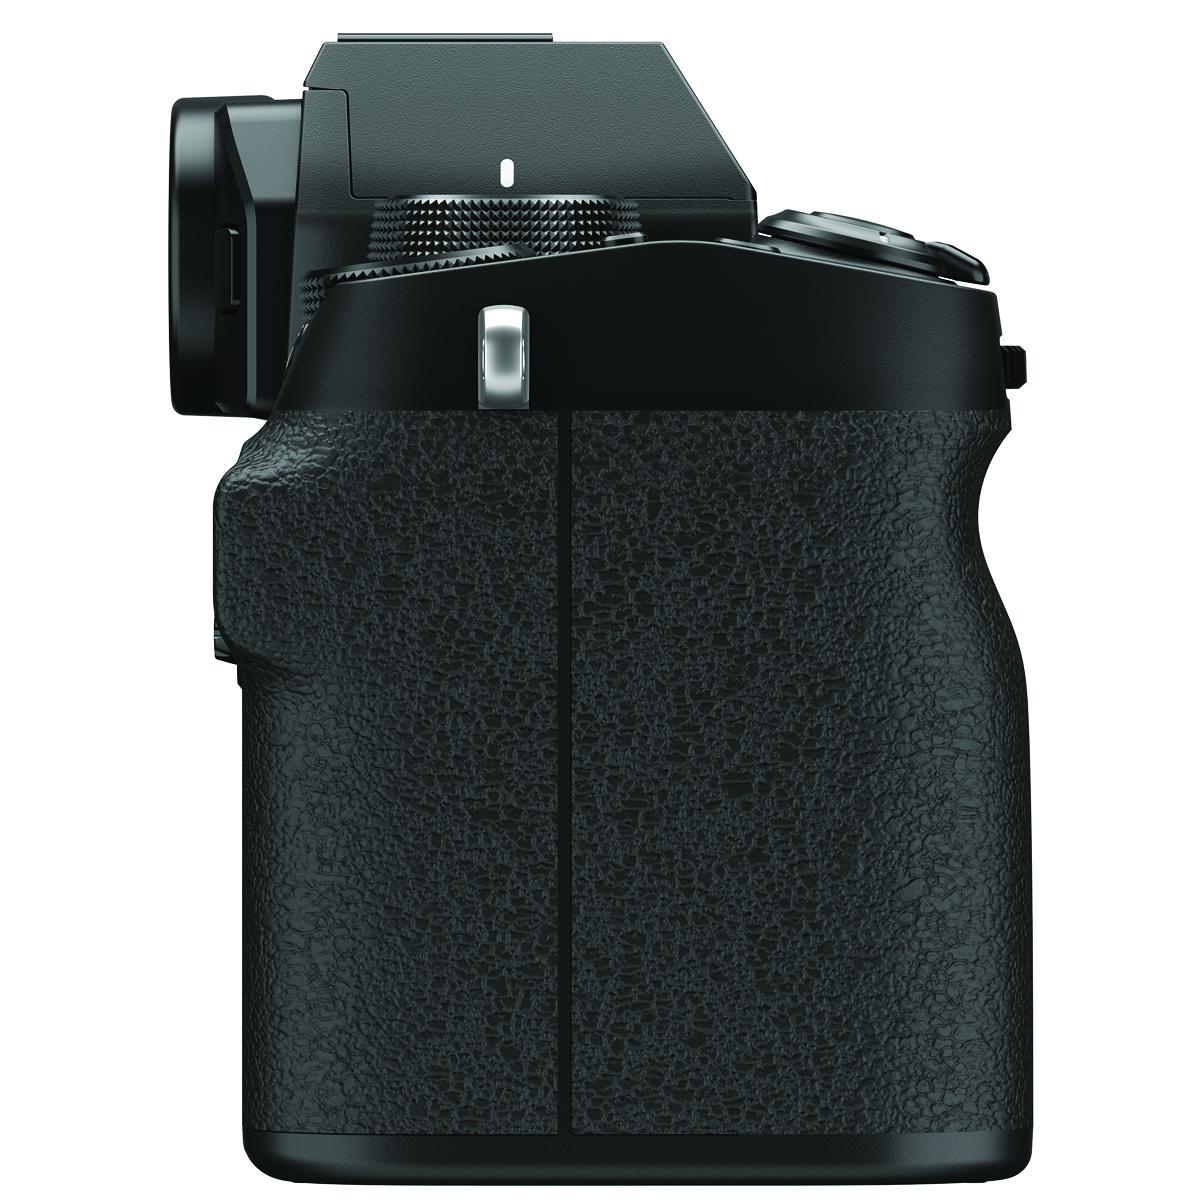 Fujifilm X-S10 Kit mit 15-45 mm 1:3,5-5,6